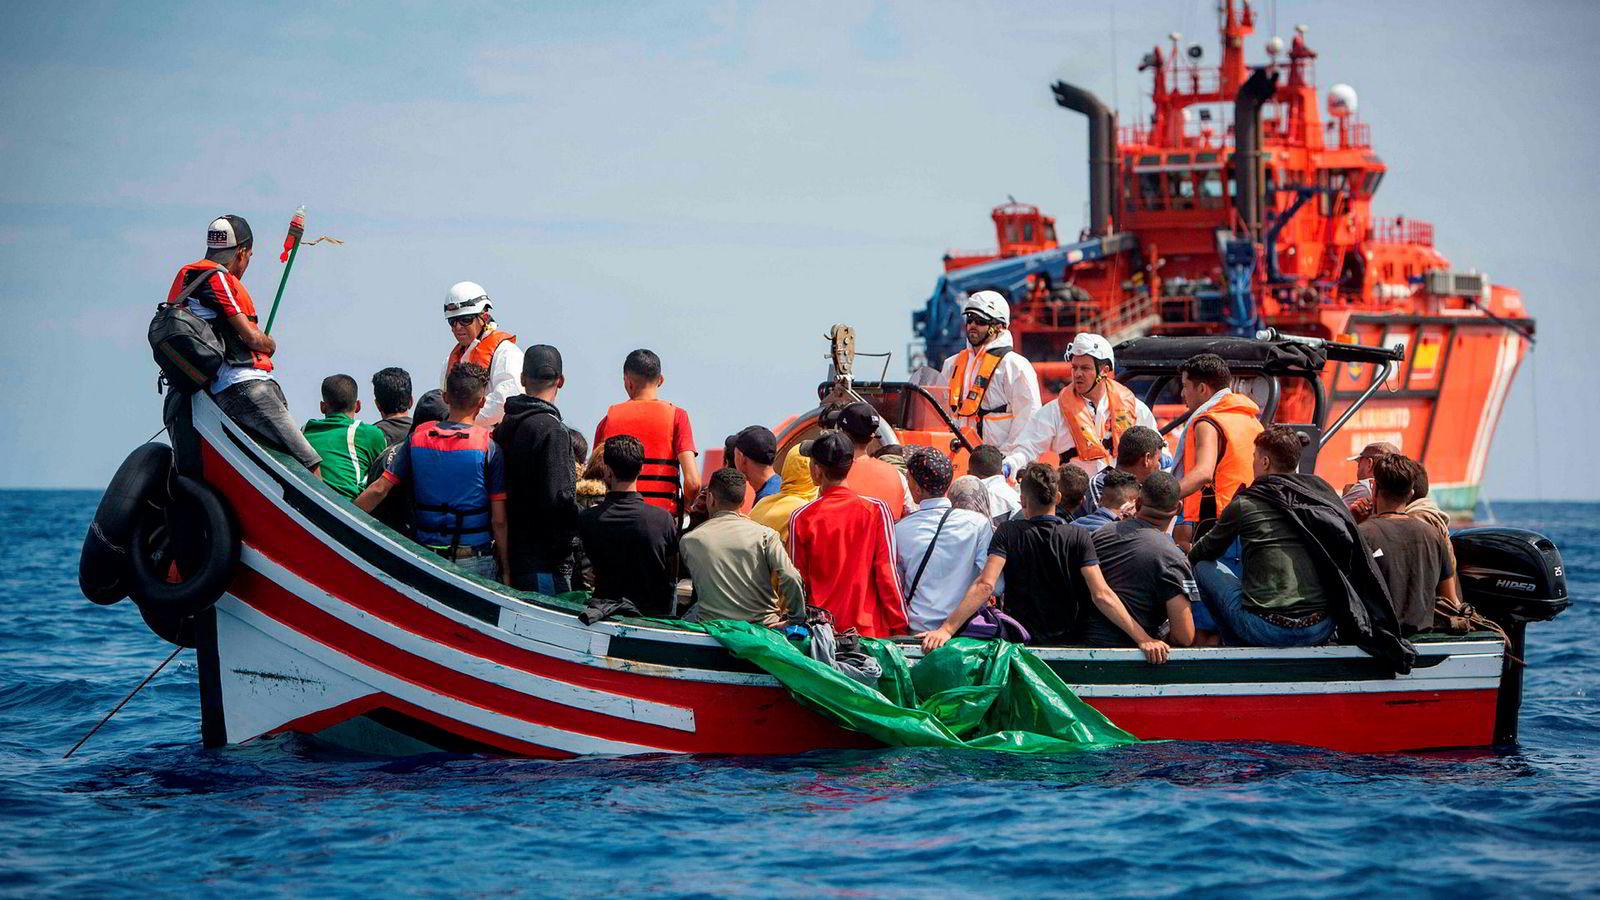 Fortsatt kommer det mange flyktninger med båt over Middelhavet. Her blir 157 flyktninger reddet fra en båt i Gibraltarstredet av den spanske organisasjonen Salvamento Maritimo. Over 33.000 flyktninger har kommet til Spania i 2018 og 329 har dødd i forsøkene.